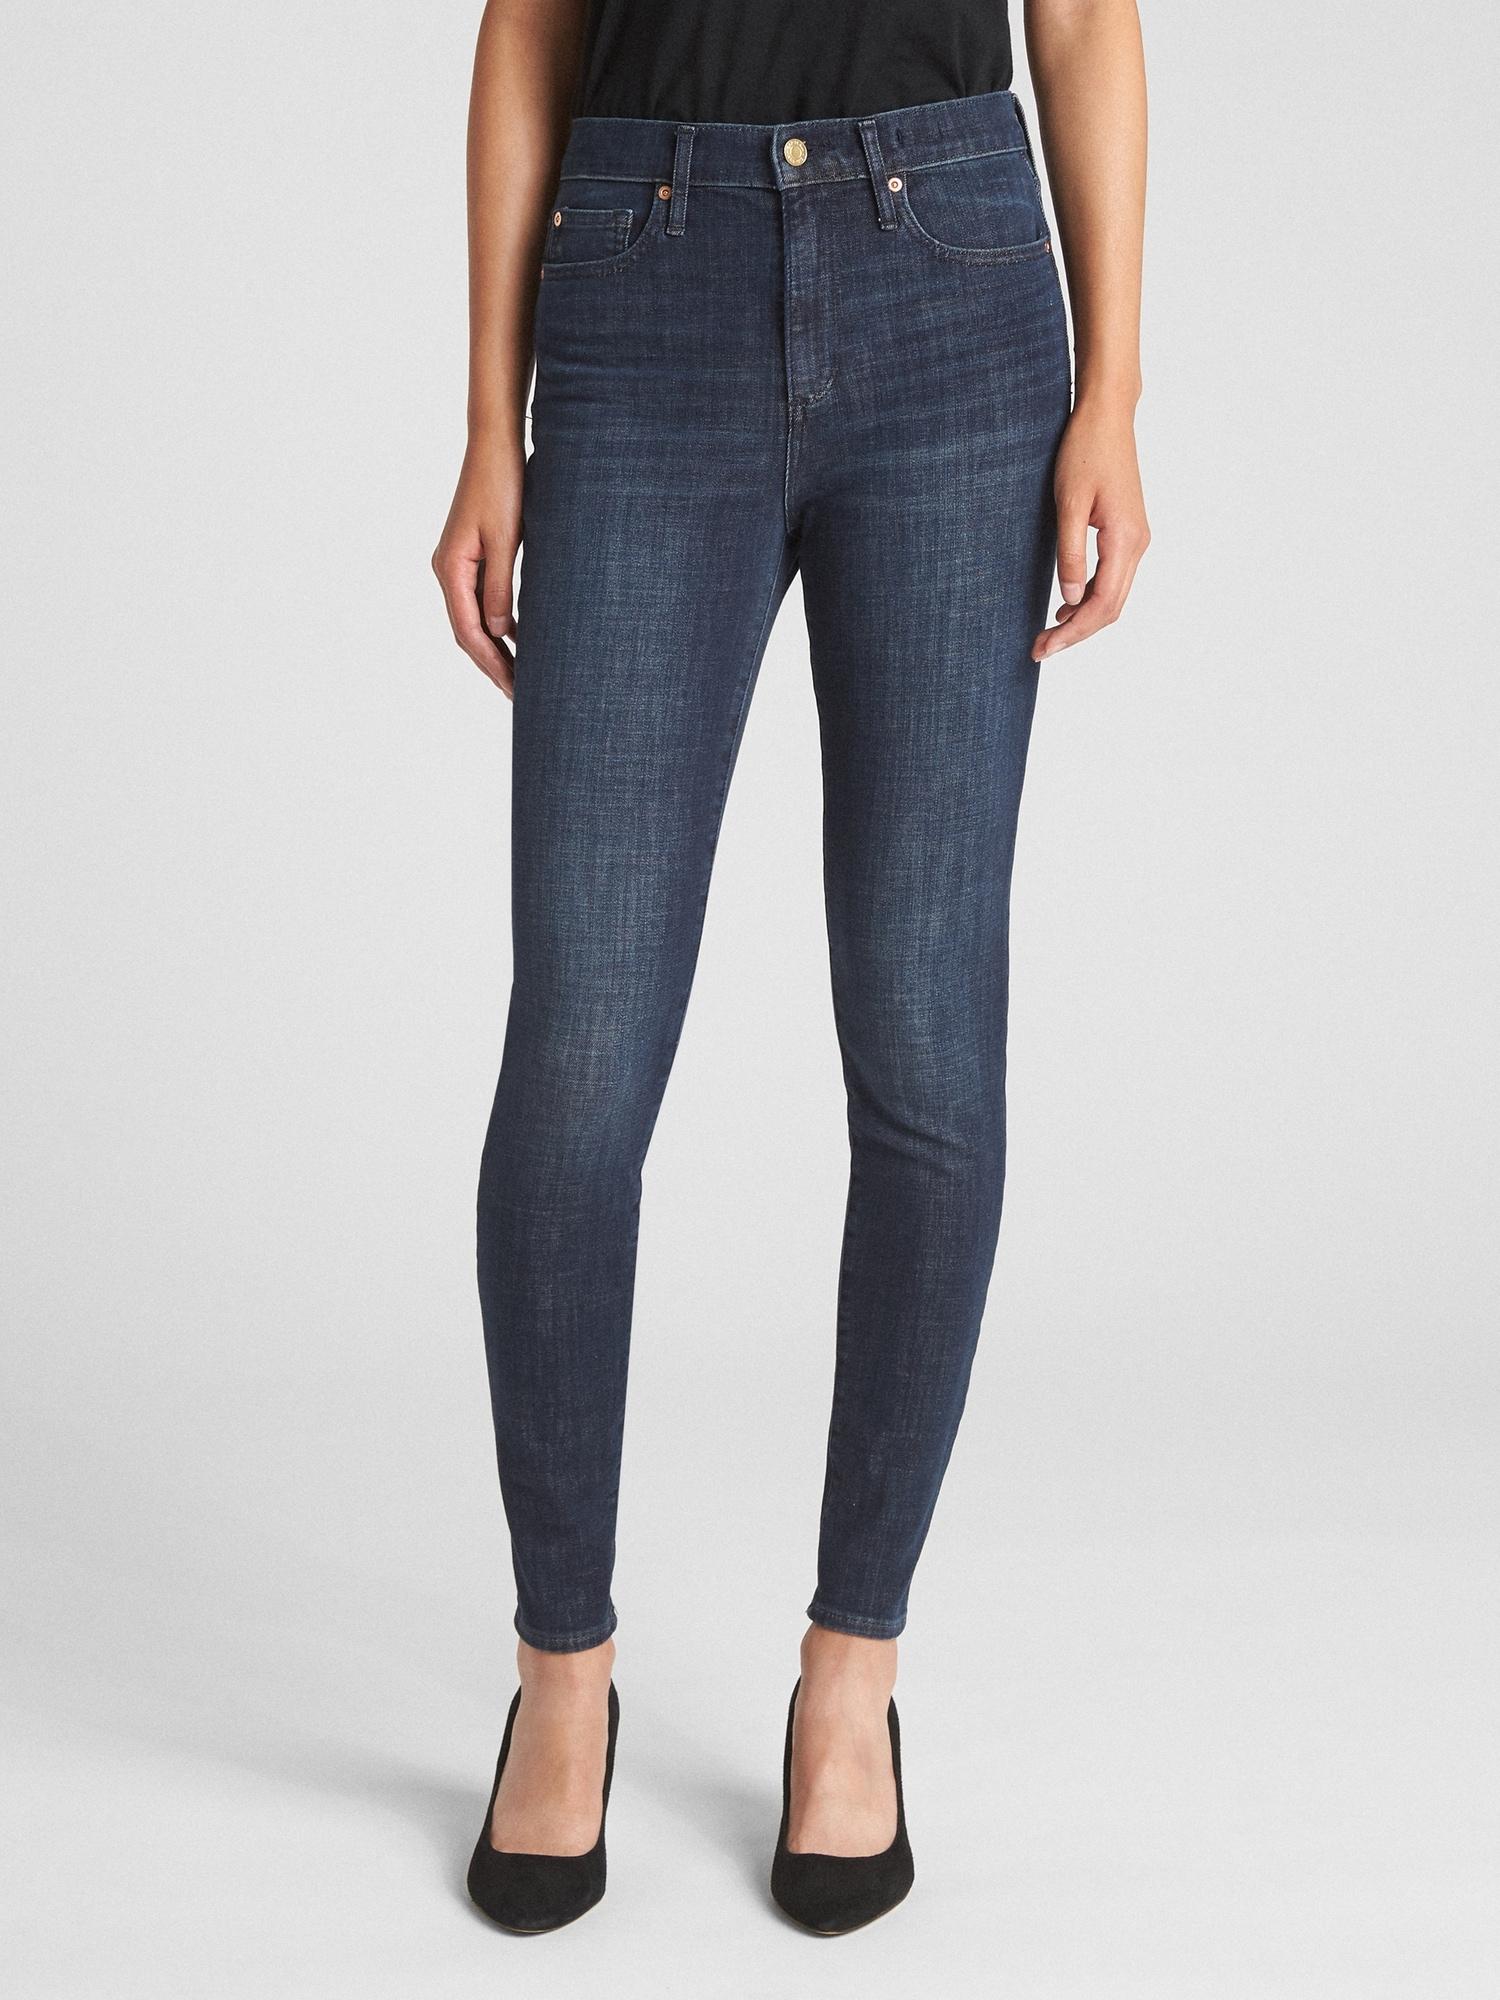 f0887ea72a8b1 High Rise True Skinny Jeans in 360 Stretch